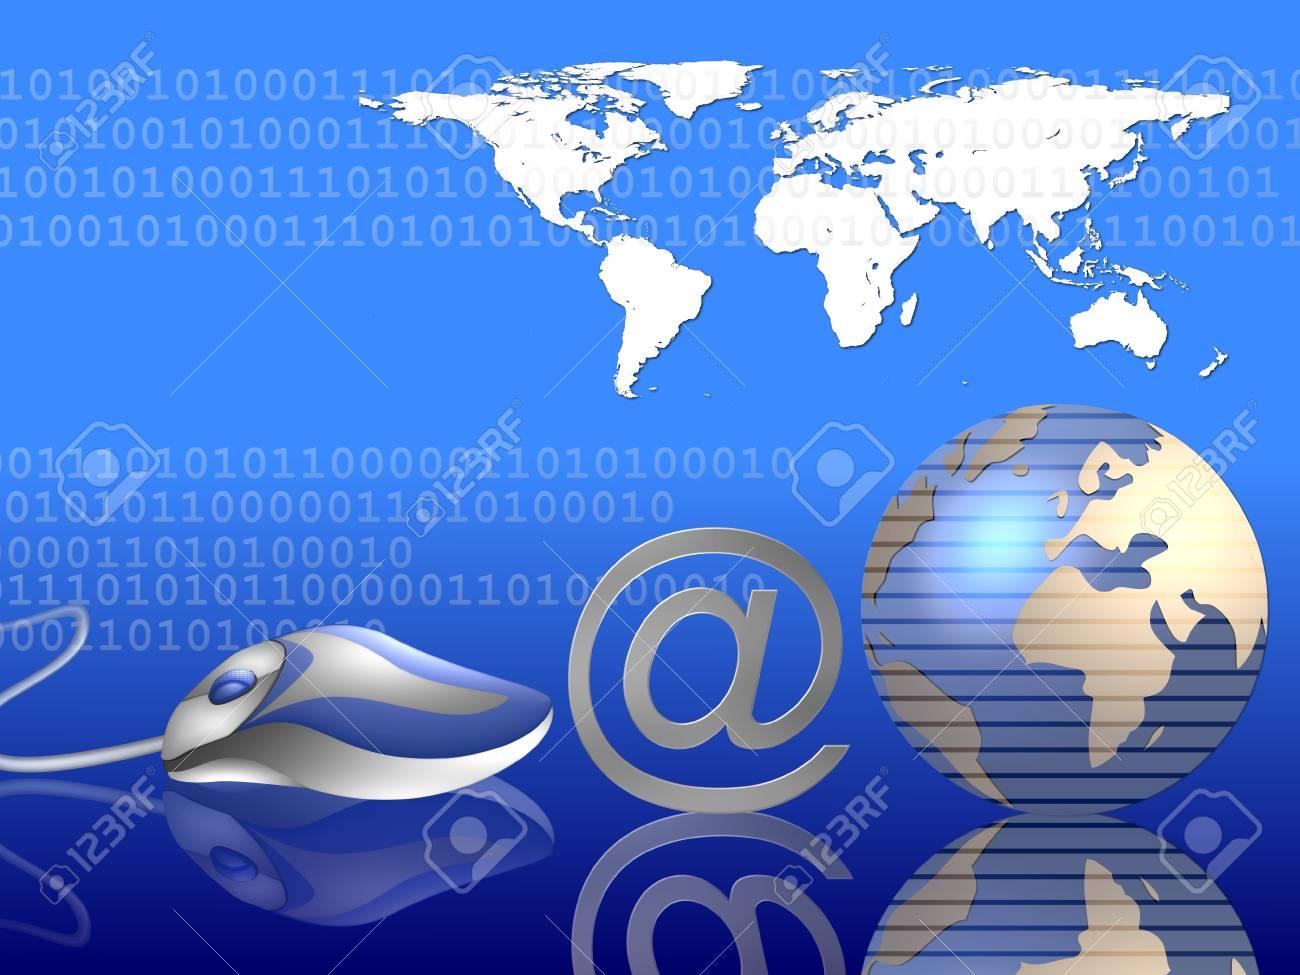 internet - communication background 2 Stock Photo - 4532334